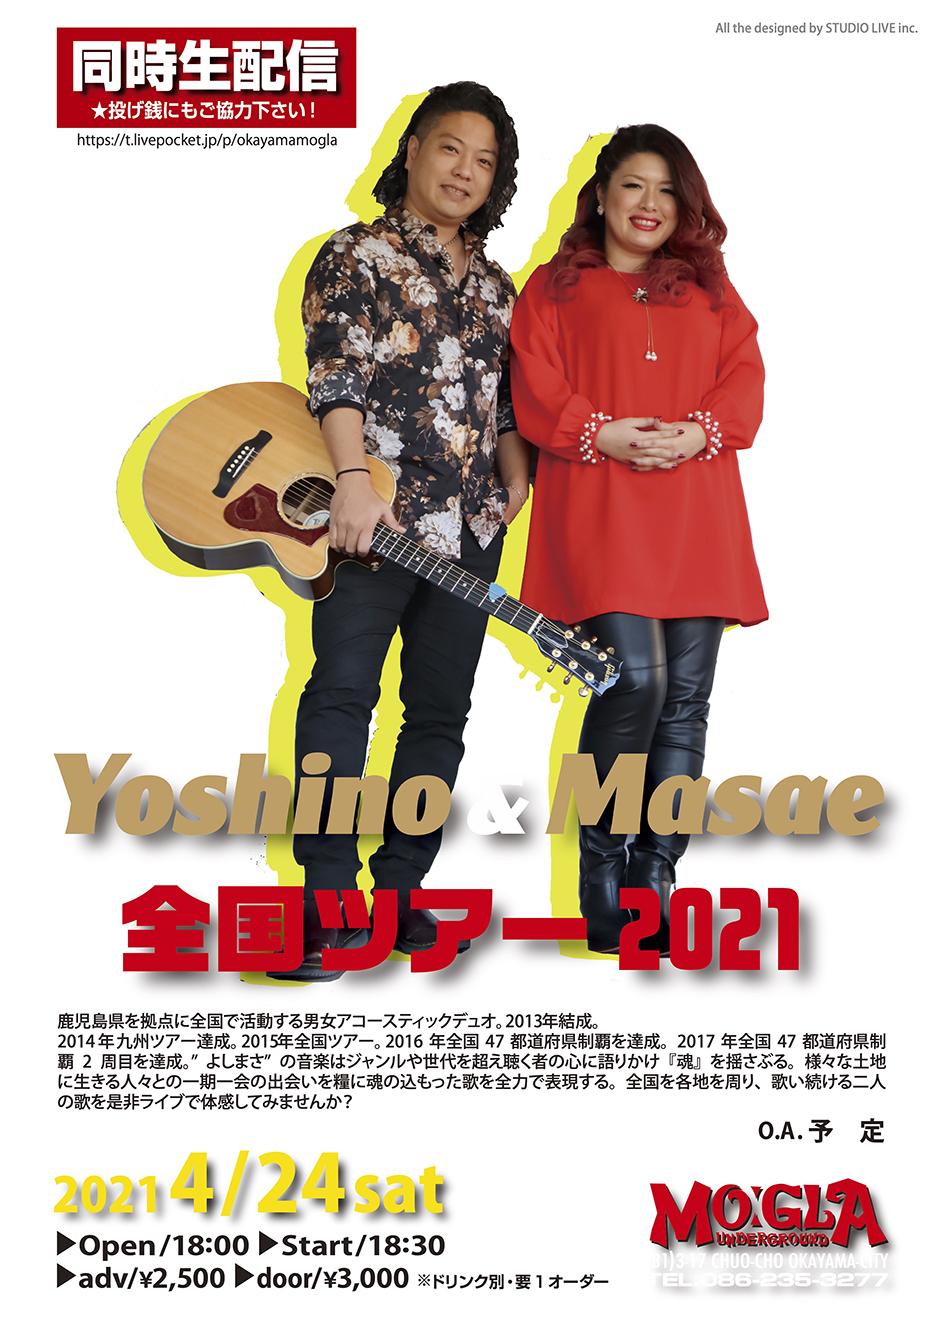 Yoshino & Masae 同時生配信 4月24日 18:30スタート